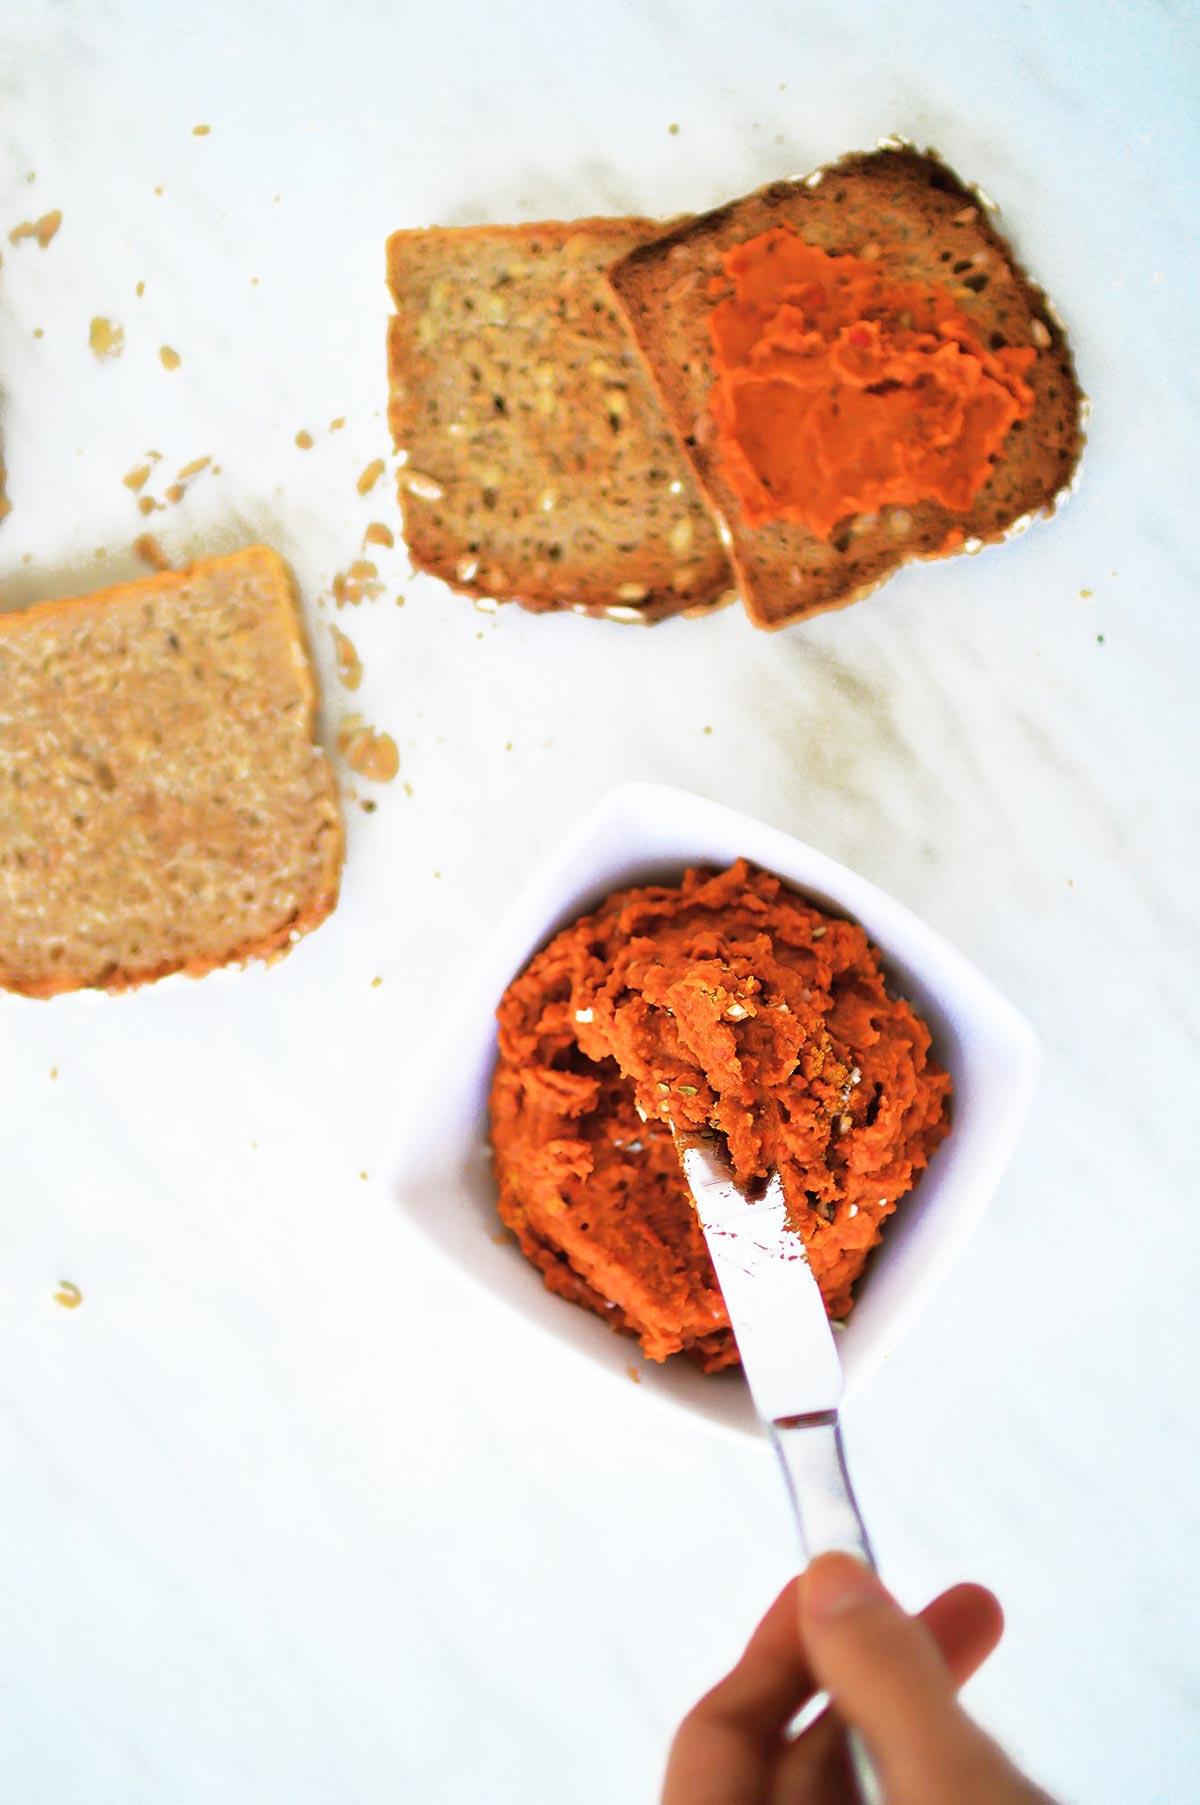 Hummus de pimientos rojos asados untado en pan